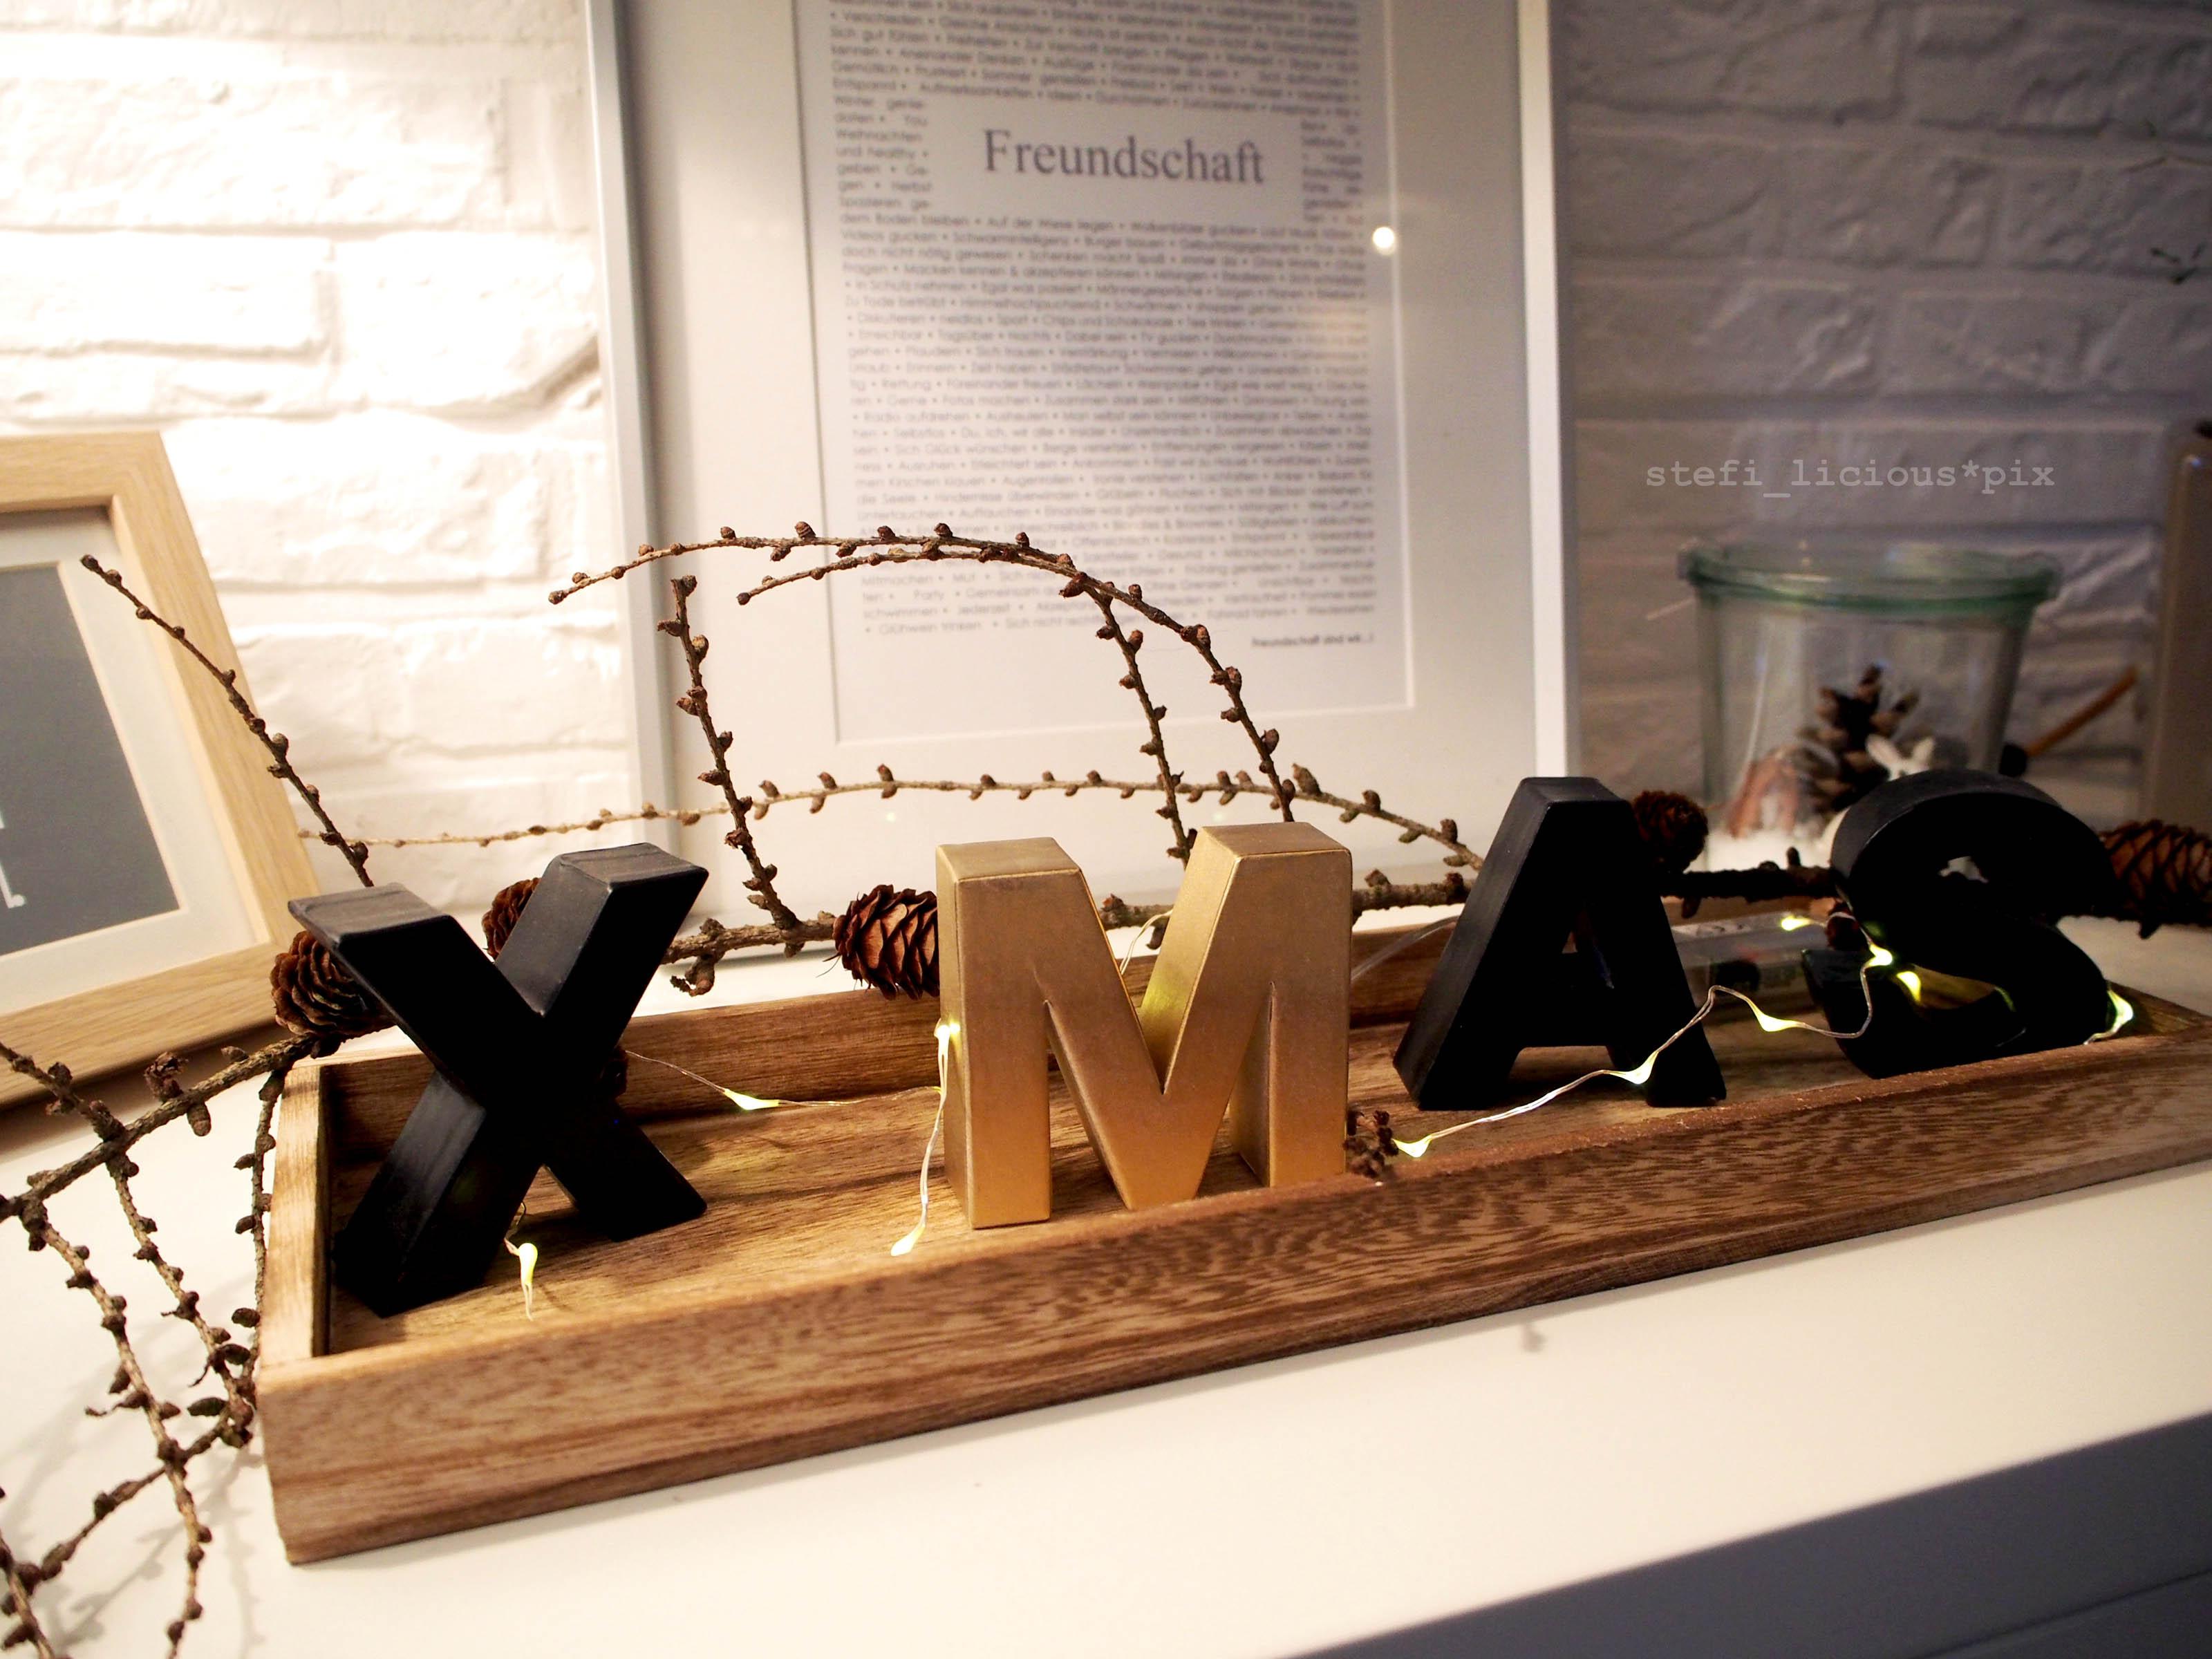 weihnachtsdeko mit xmas-buchstaben